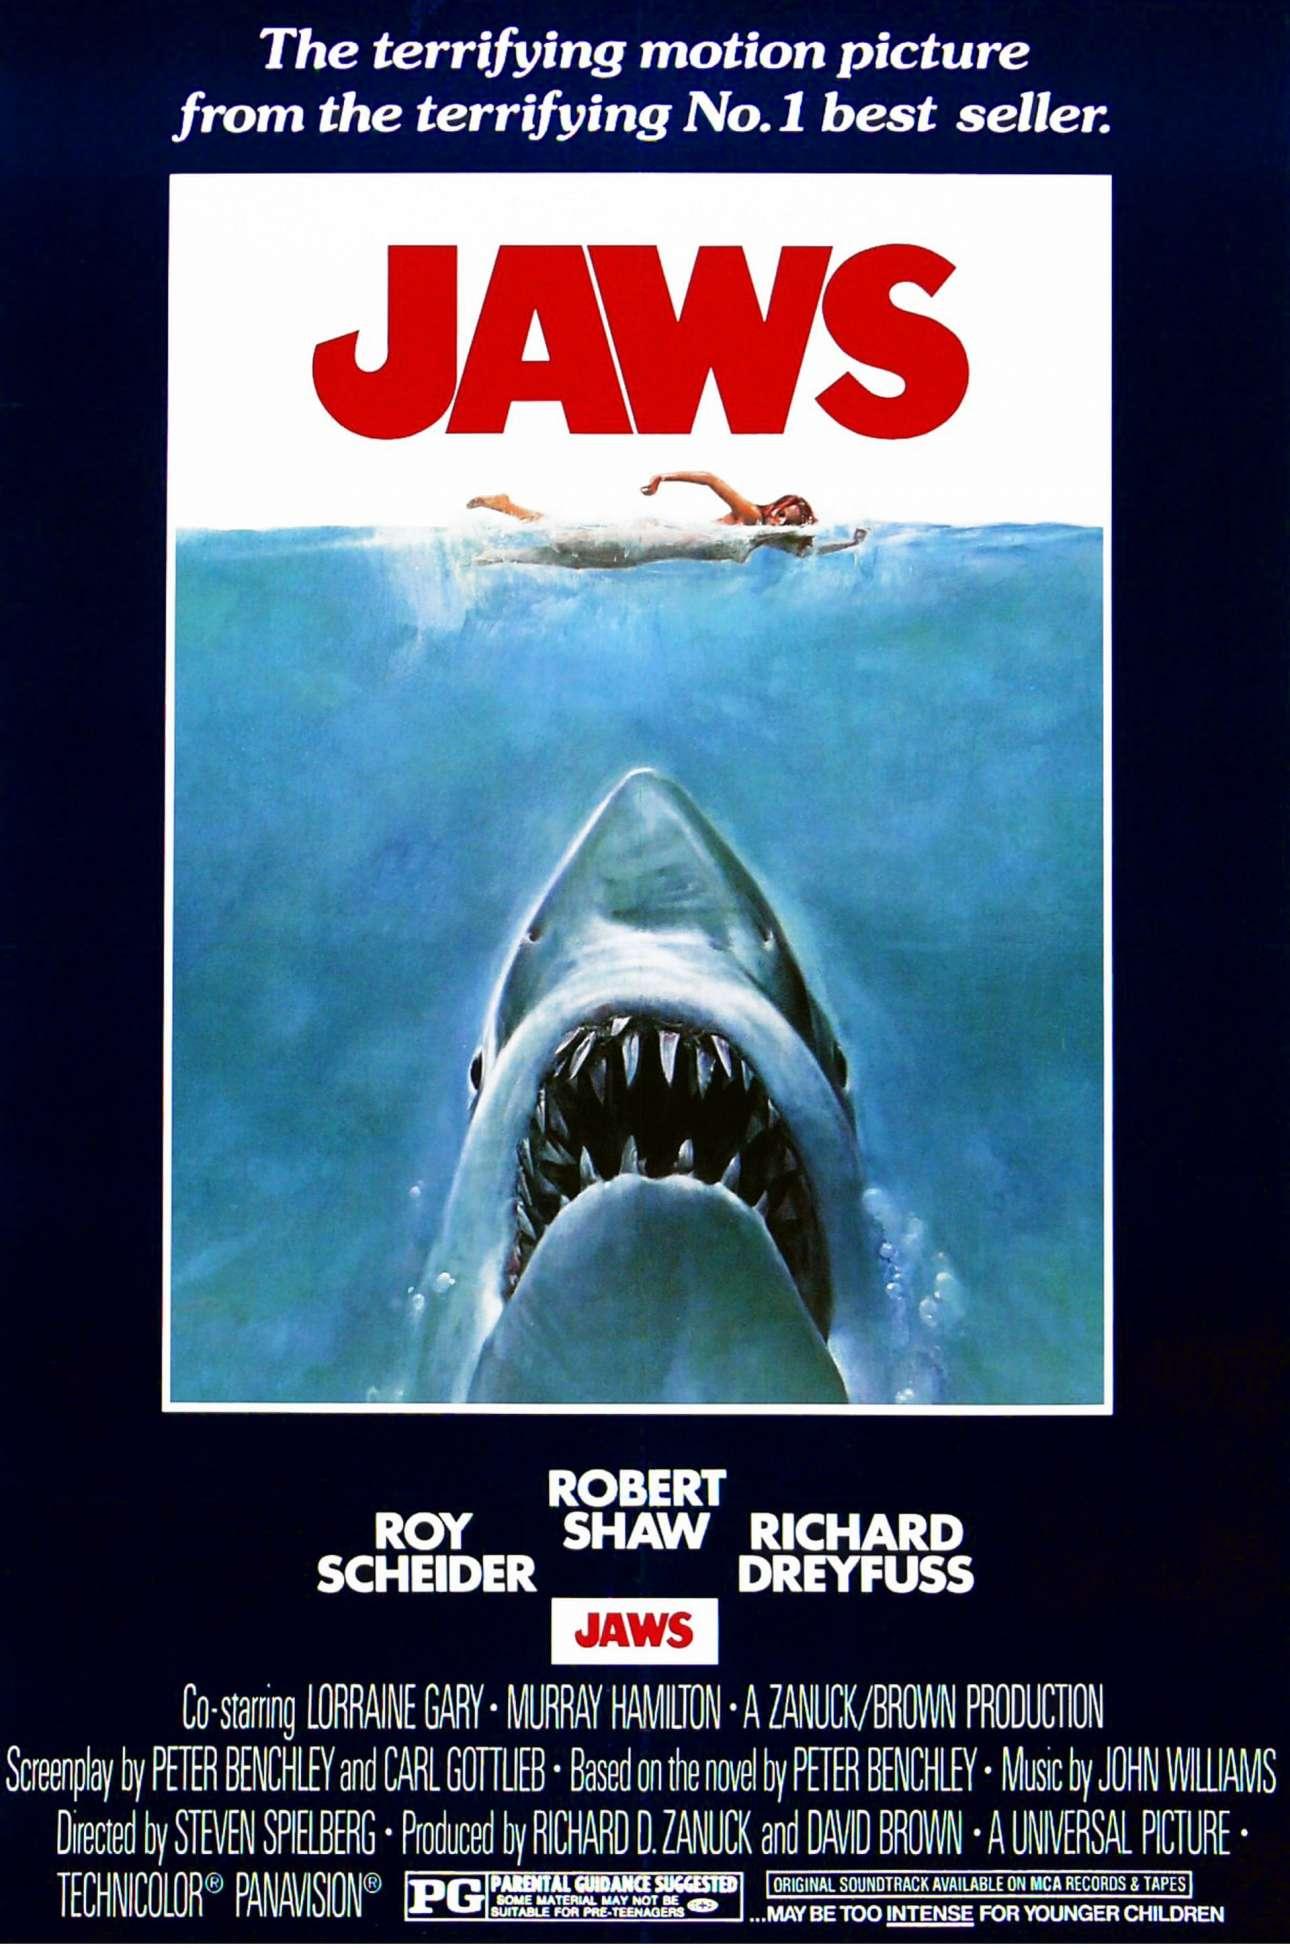 Η διάσημη αφίσα για την ταινία «Jaws» («Τα σαγόνια του καρχαρία») του 1975 θεωρείται μία από τις πιο επιδραστικές αφίσες, είναι άμεσα αναγνωρίσιμη, ενώ αντιγράφηκε και παραποιήθηκε πολλές φορές